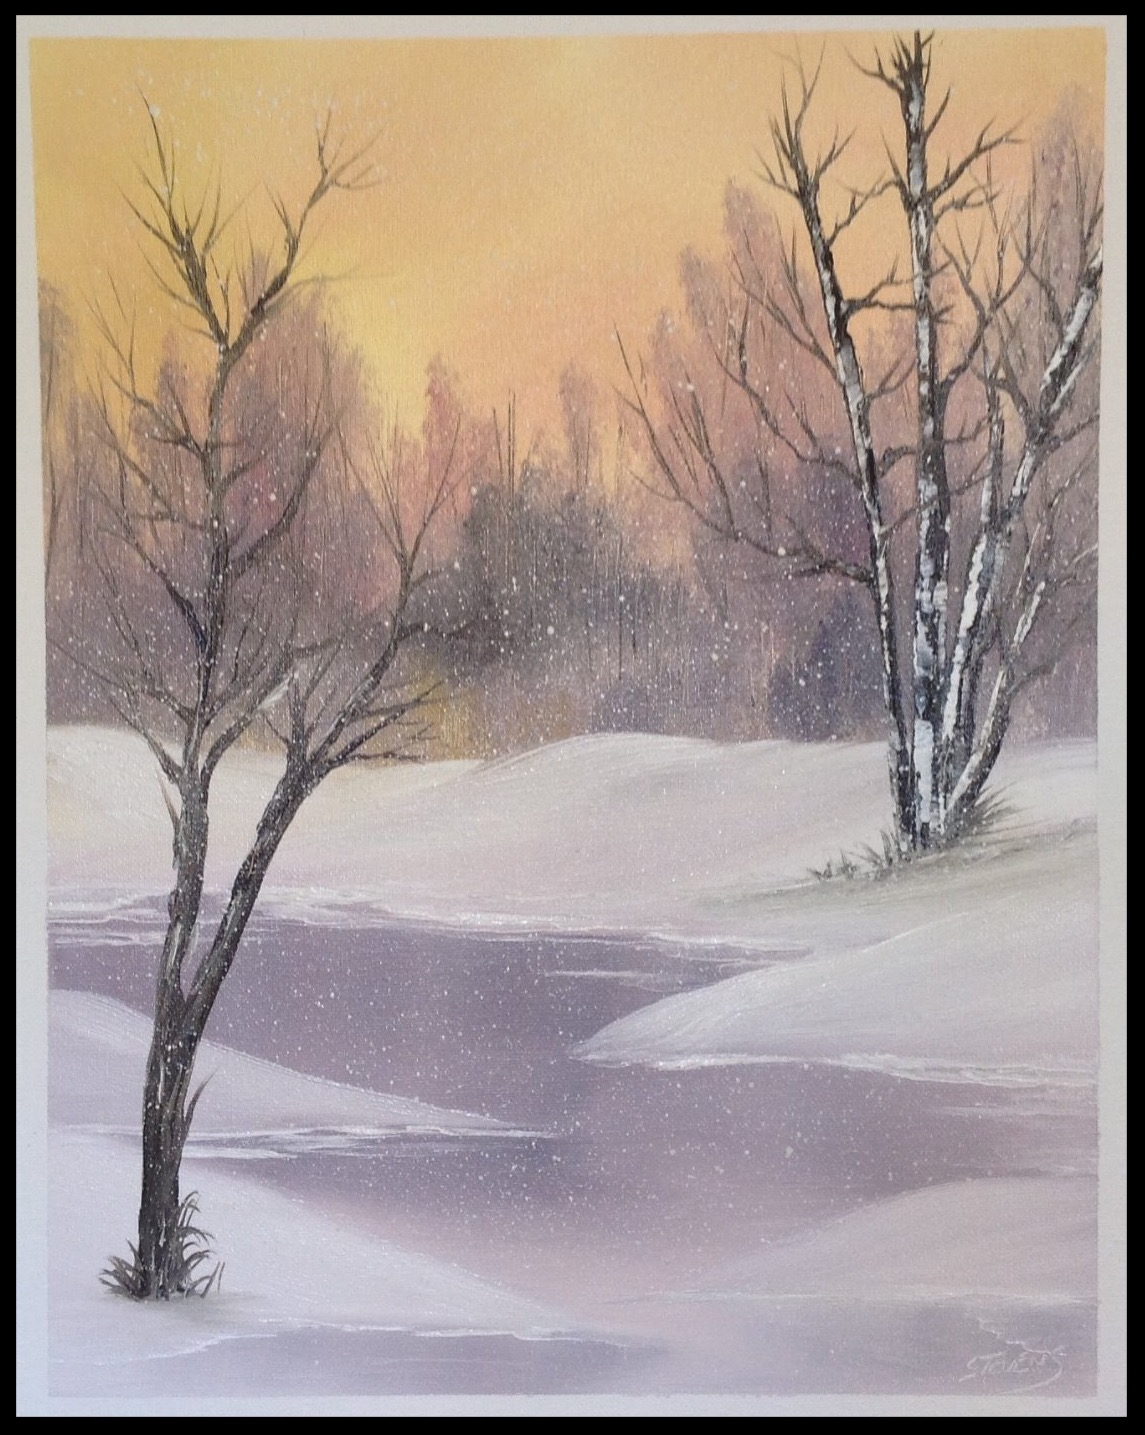 Snowfall Magic Jan 17_edited_edited